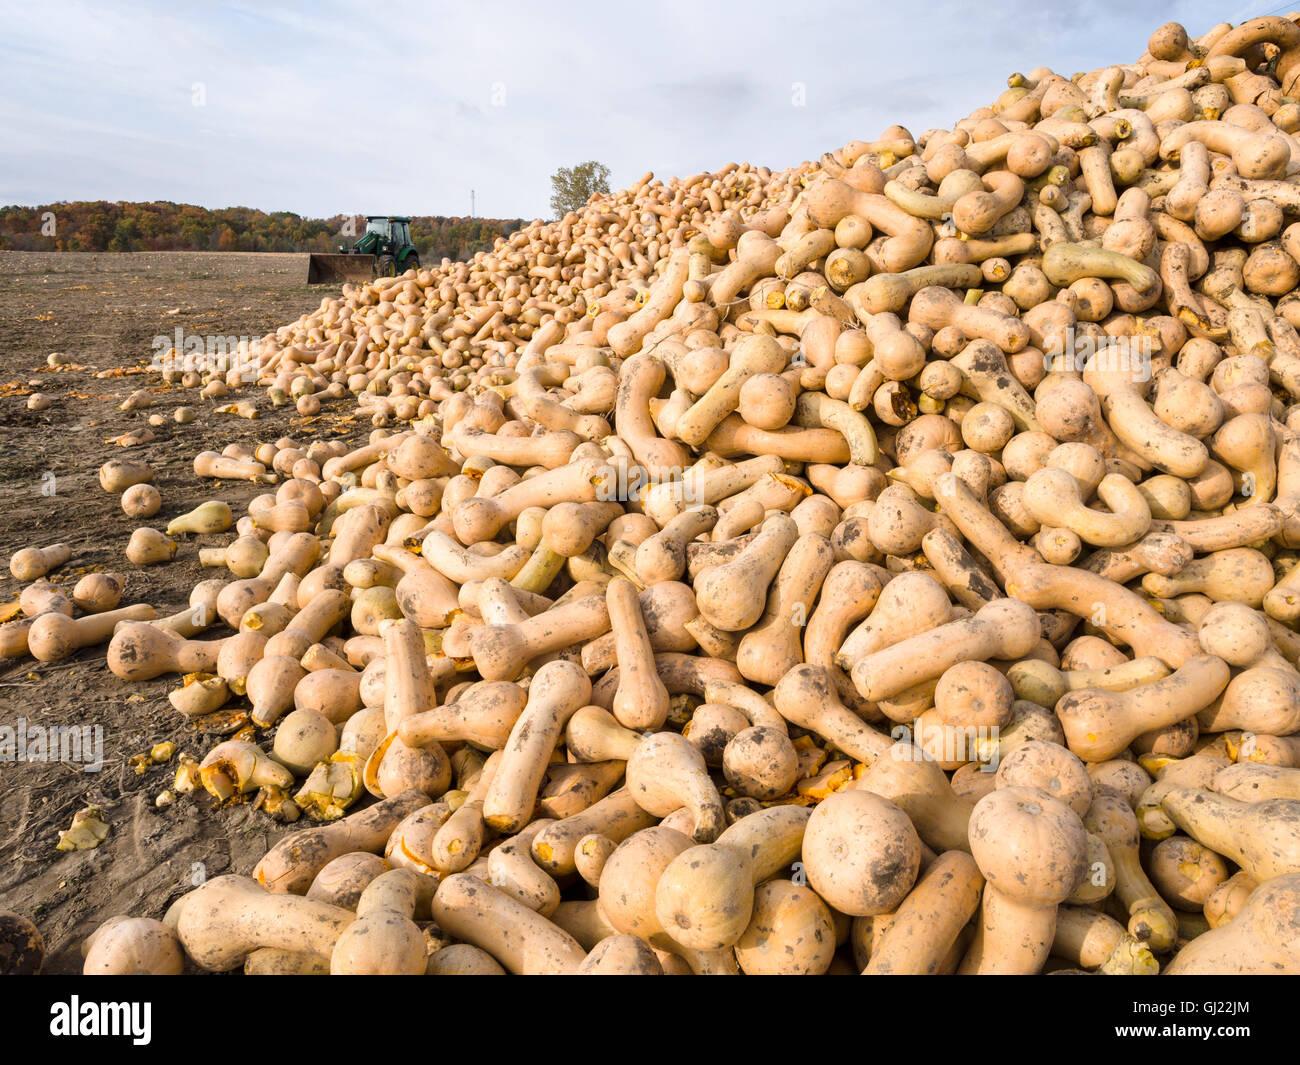 Courge récoltée. Un grand nombre de grande courge Butternut réunis en un gros tas dans le domaine Photo Stock